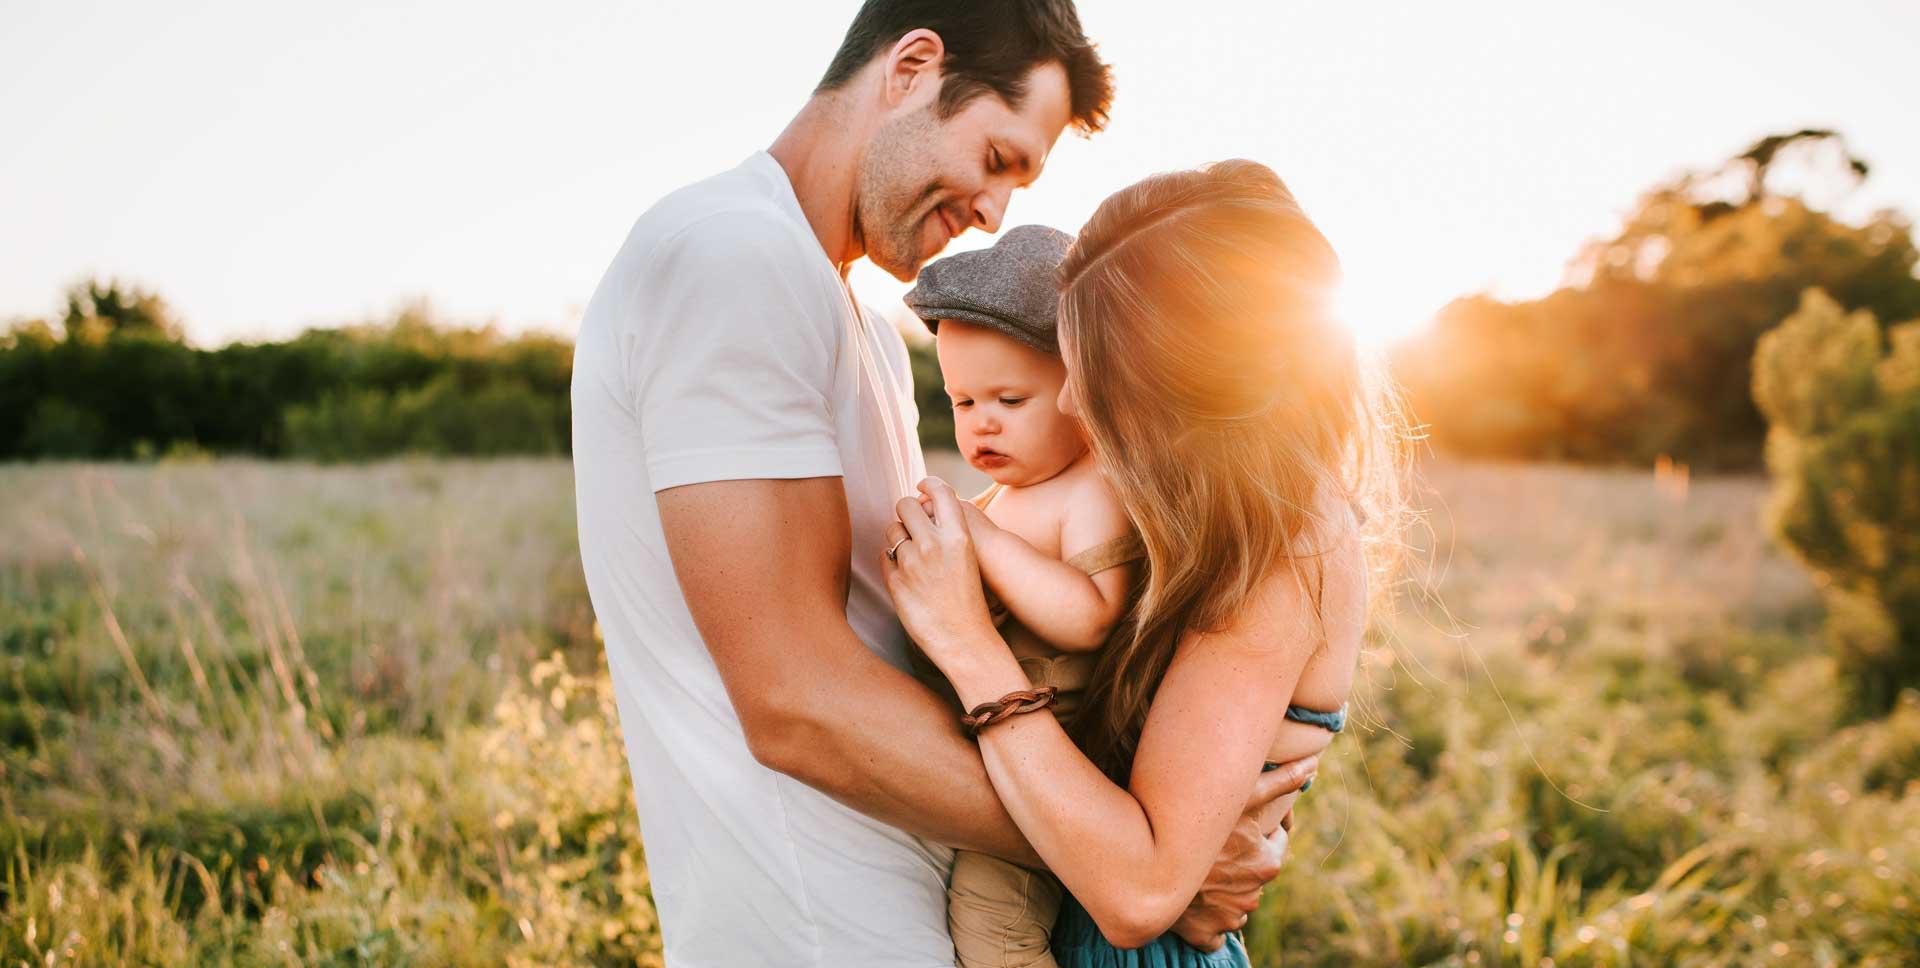 Asesoramiento a padres. La educación padres e hijos